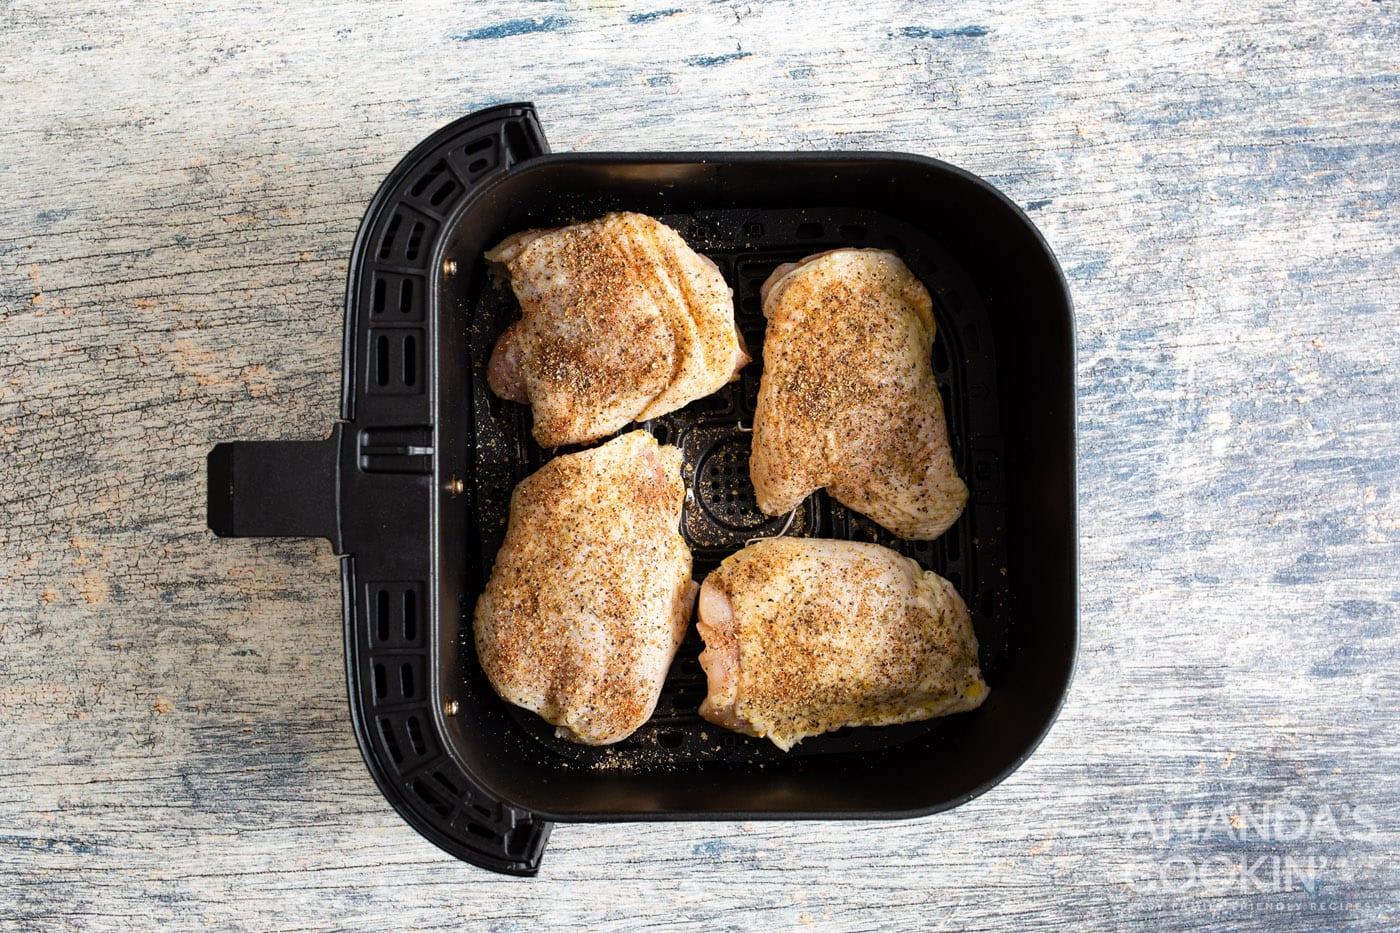 chicken thighs skin side down in air fryer